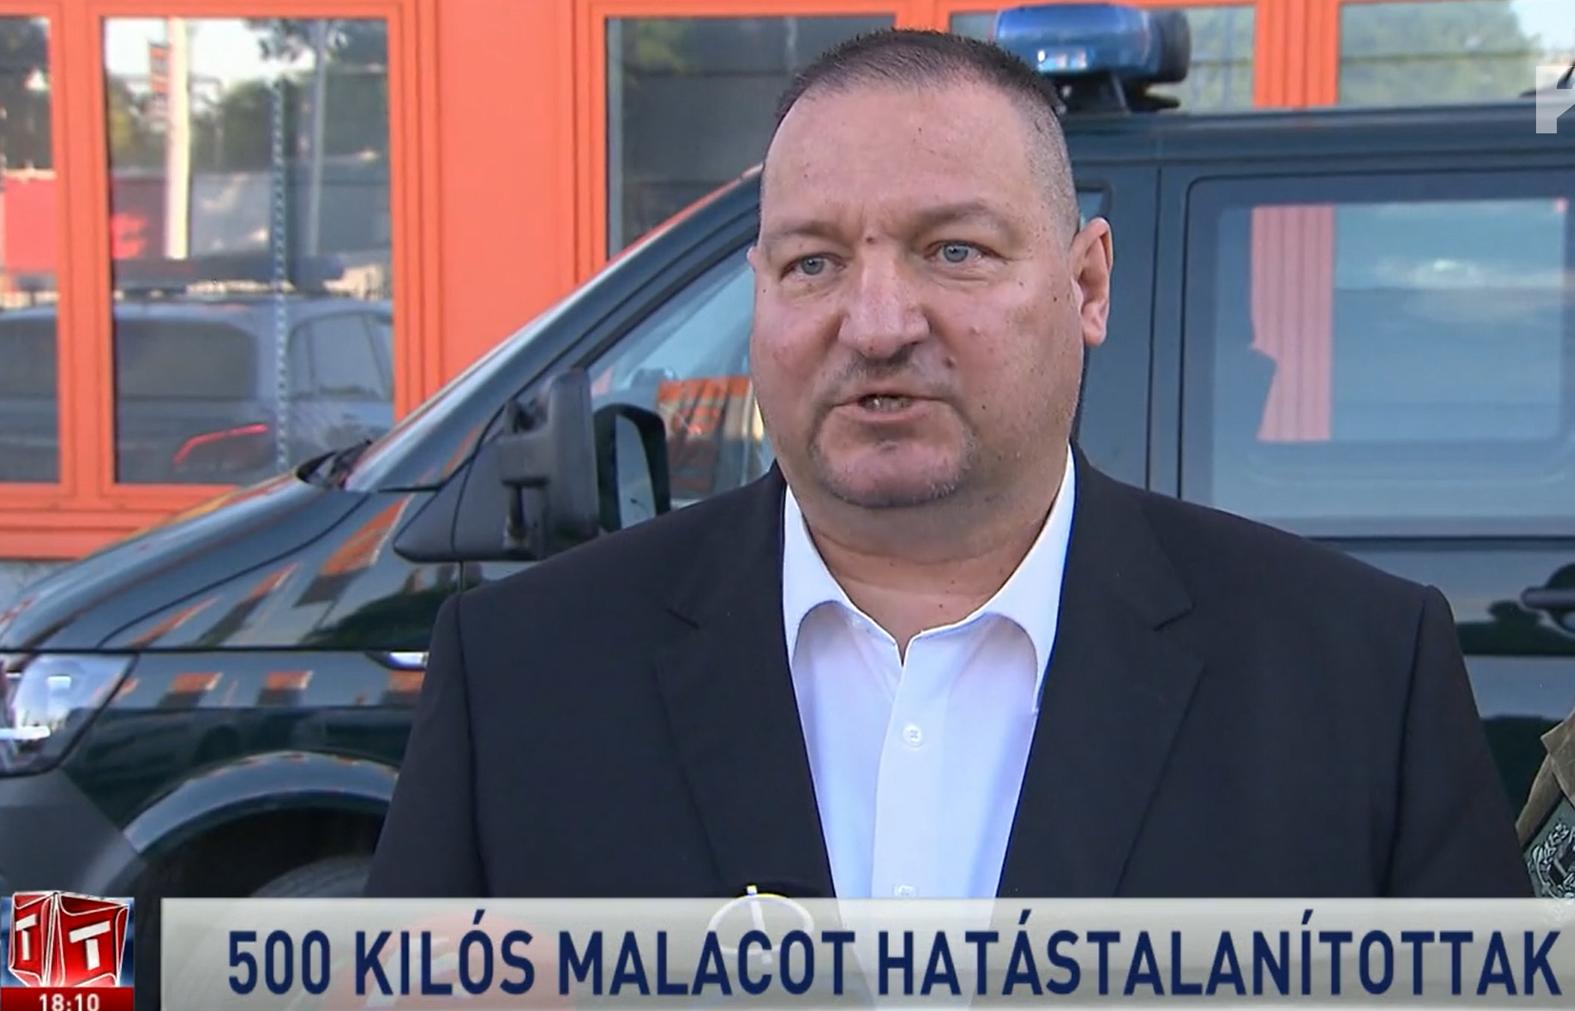 Malacpánik a Ferencvárosban, avagy a bombahír megfelelő tálalása